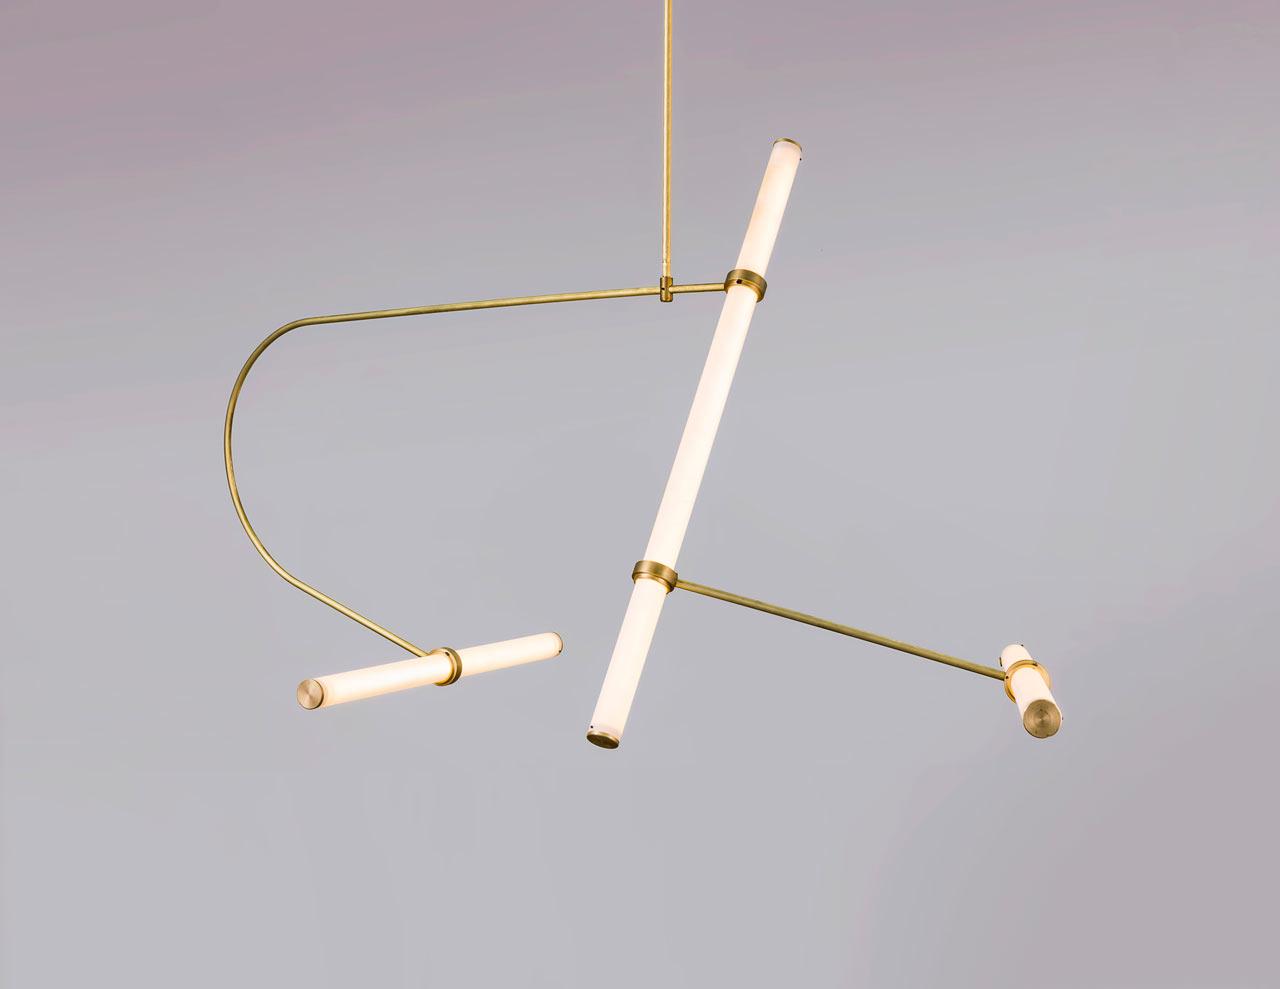 Tube Pendant Collection by Studio Naama Hofman